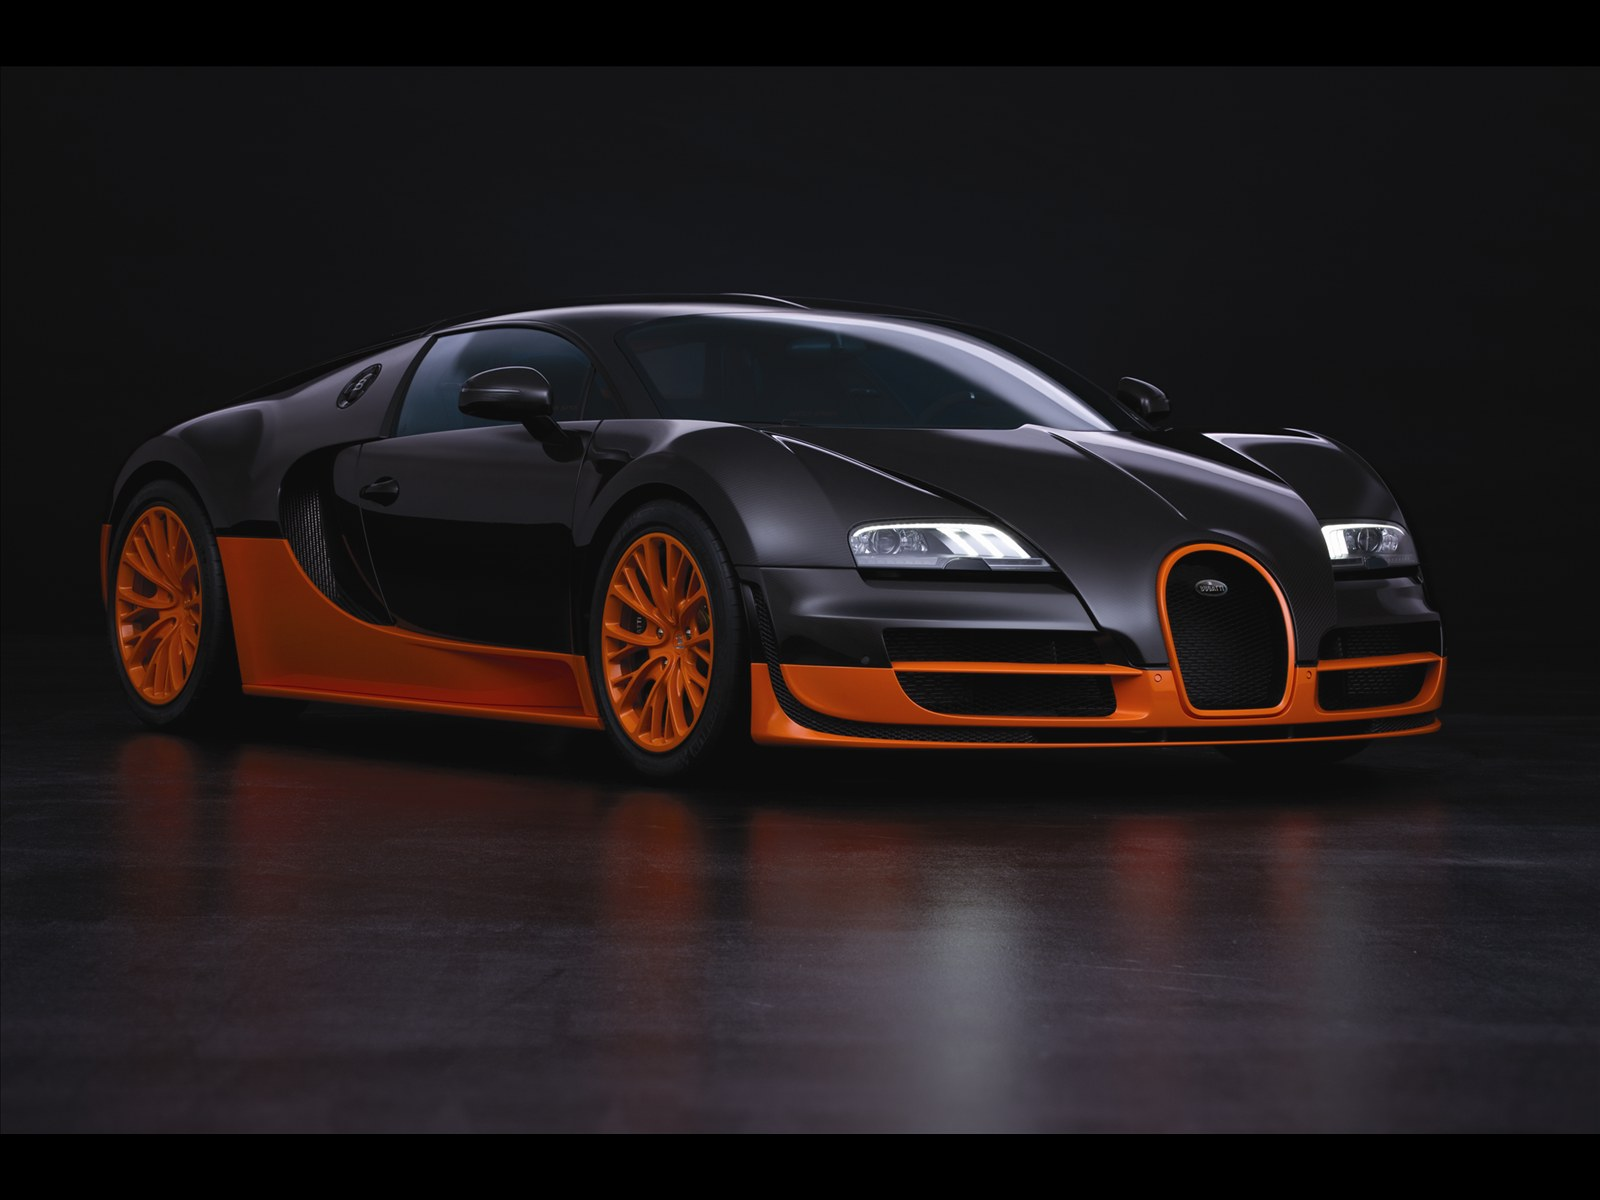 Bugatti Veyron Super Sports Car